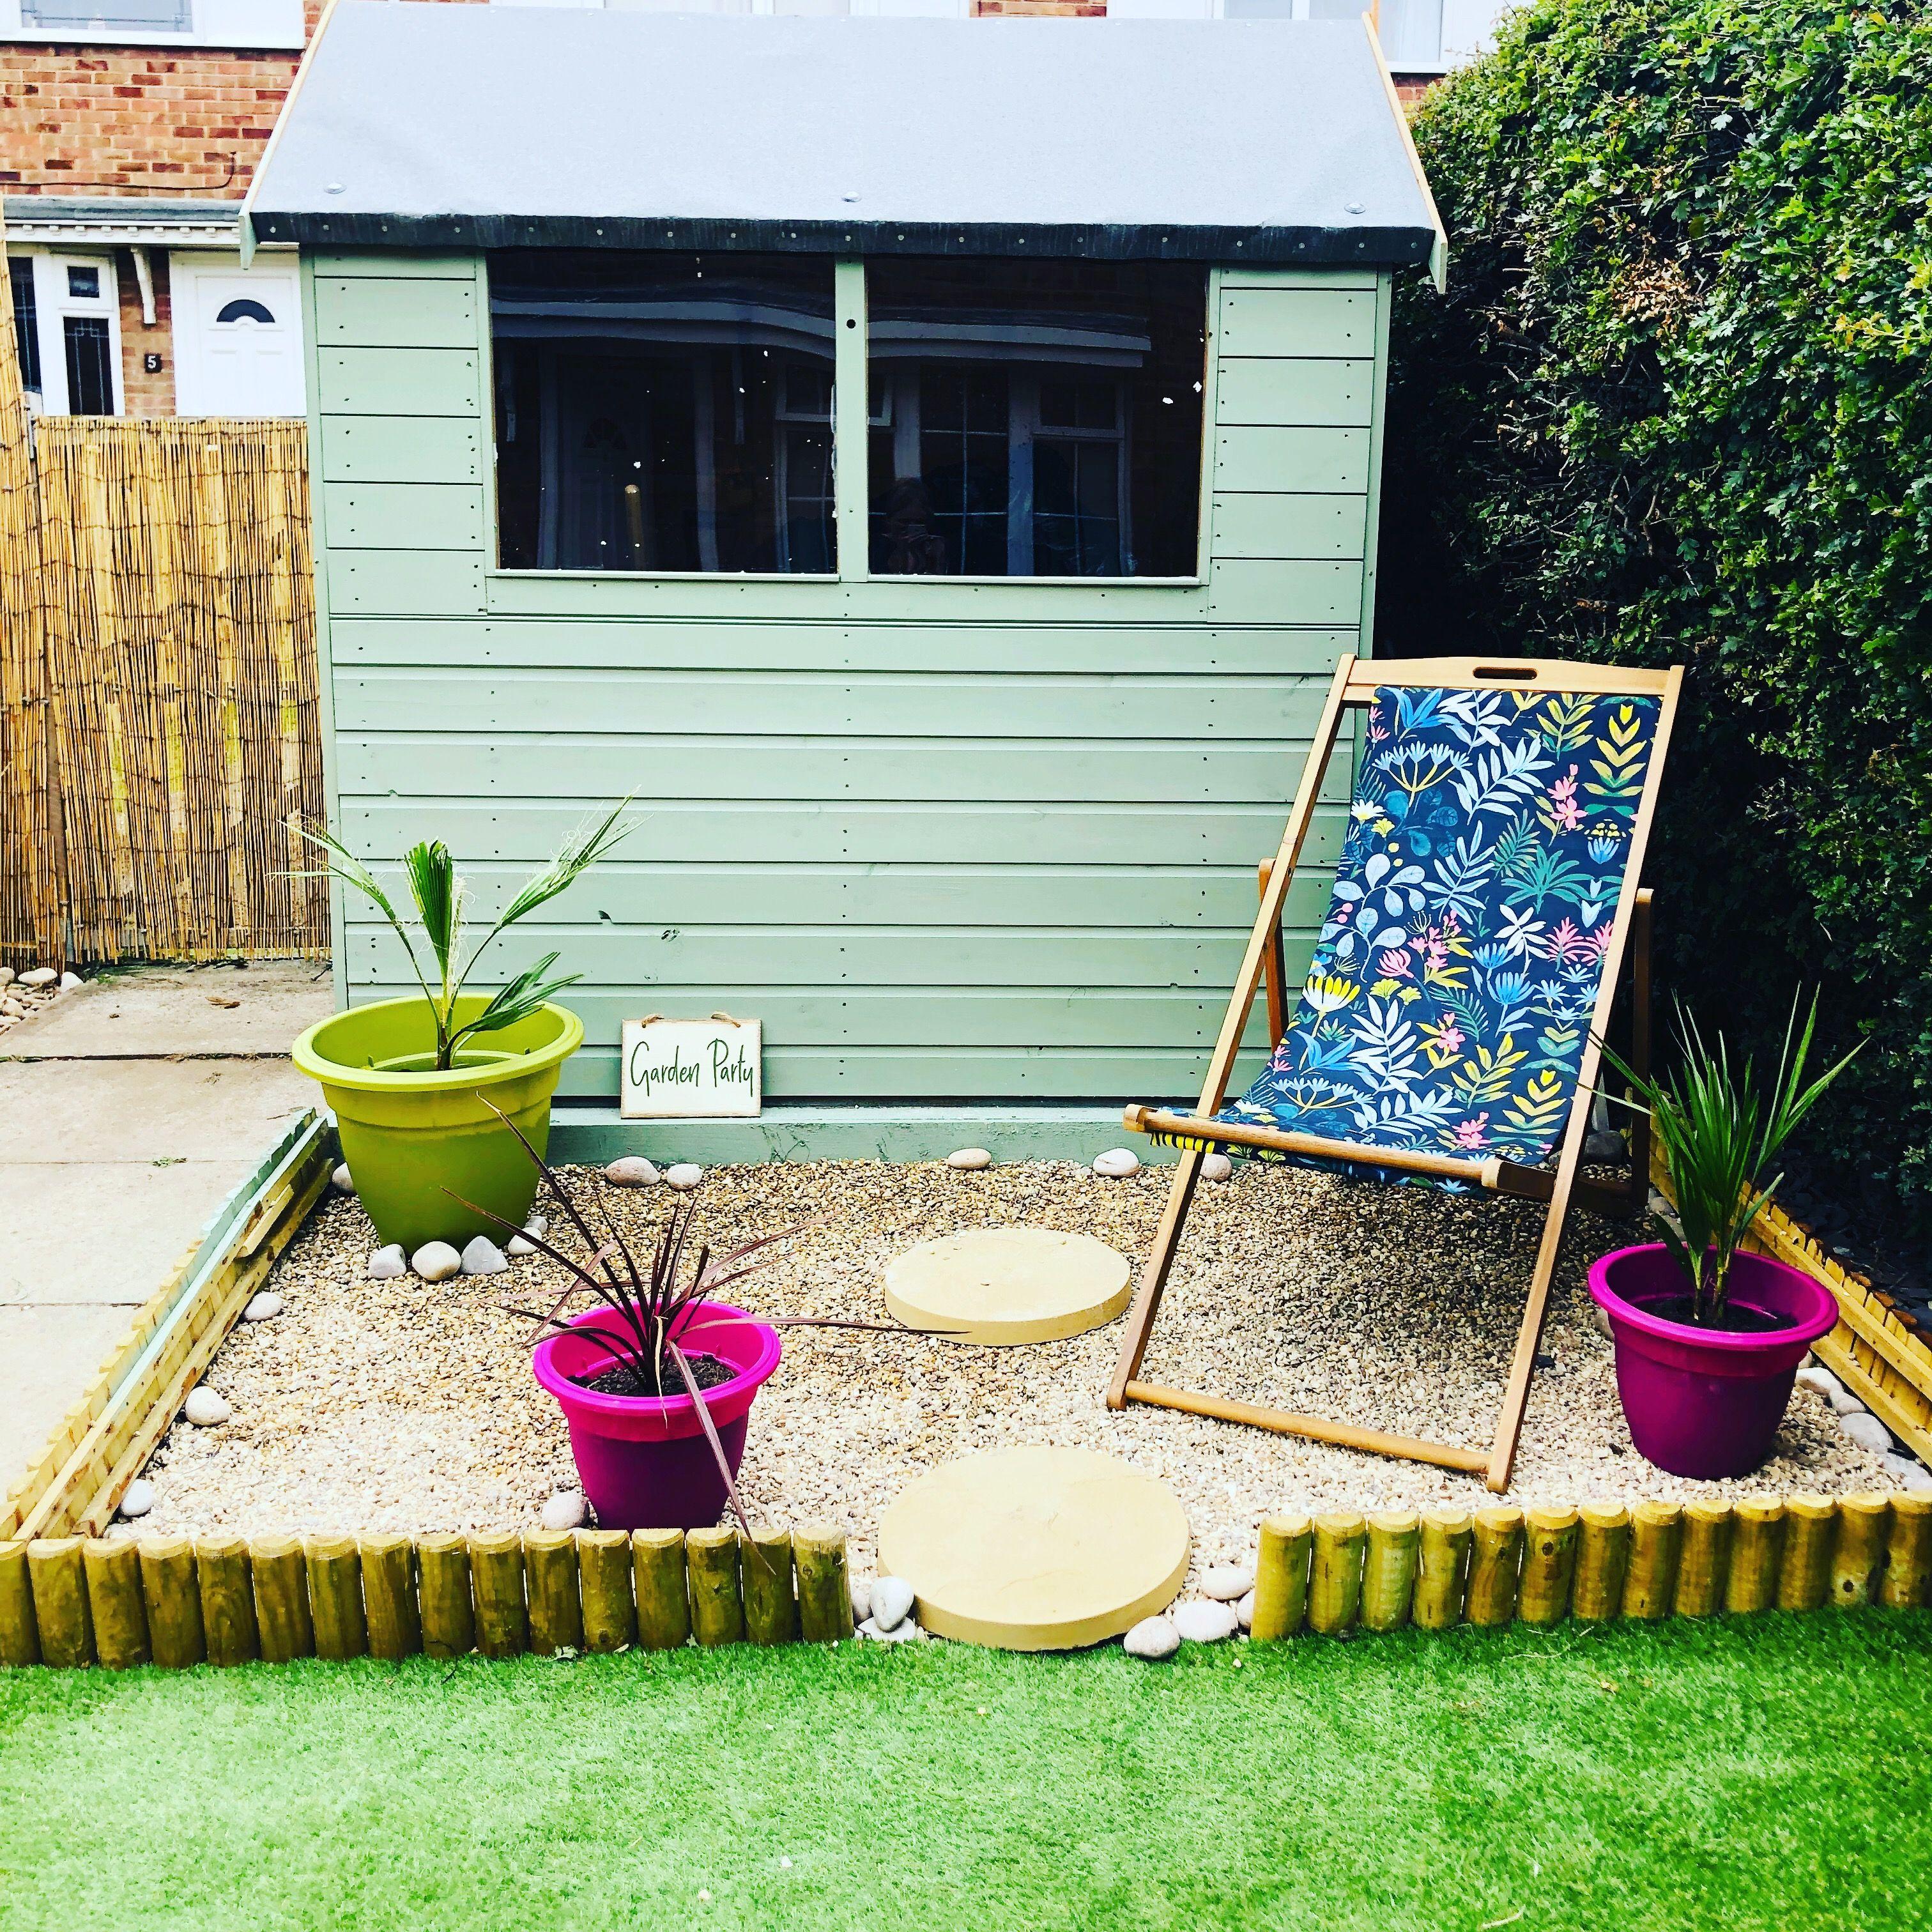 Painted with Cuprinol Garden Shades Willow Cuprinol